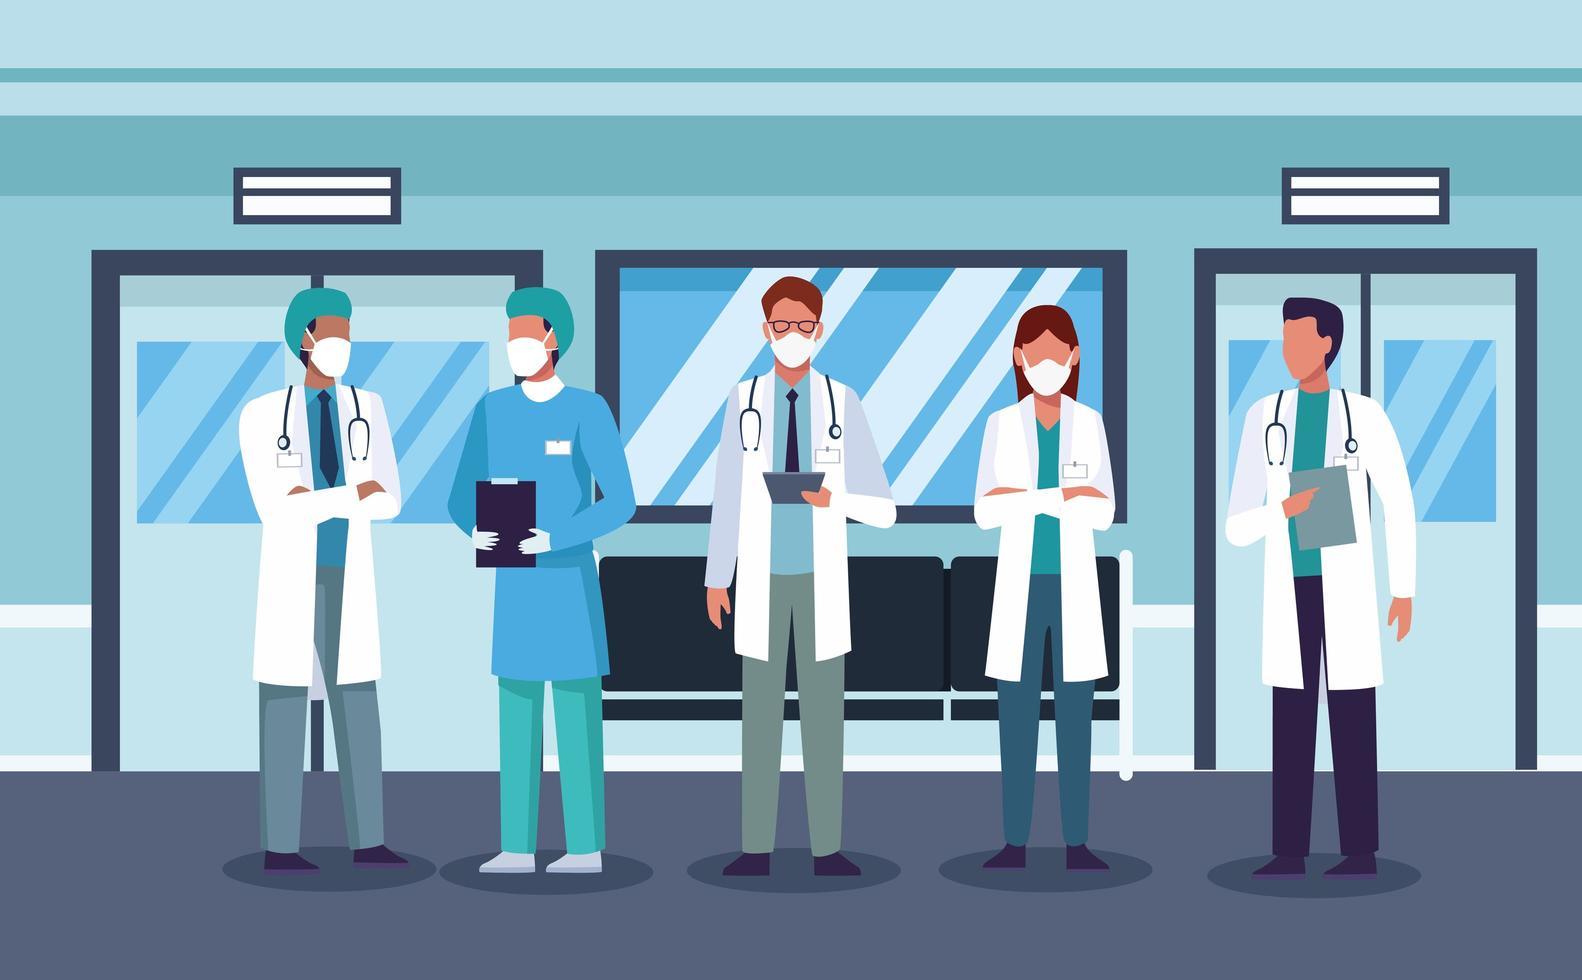 groep gemaskerde doktoren, personeel in het ziekenhuis vector